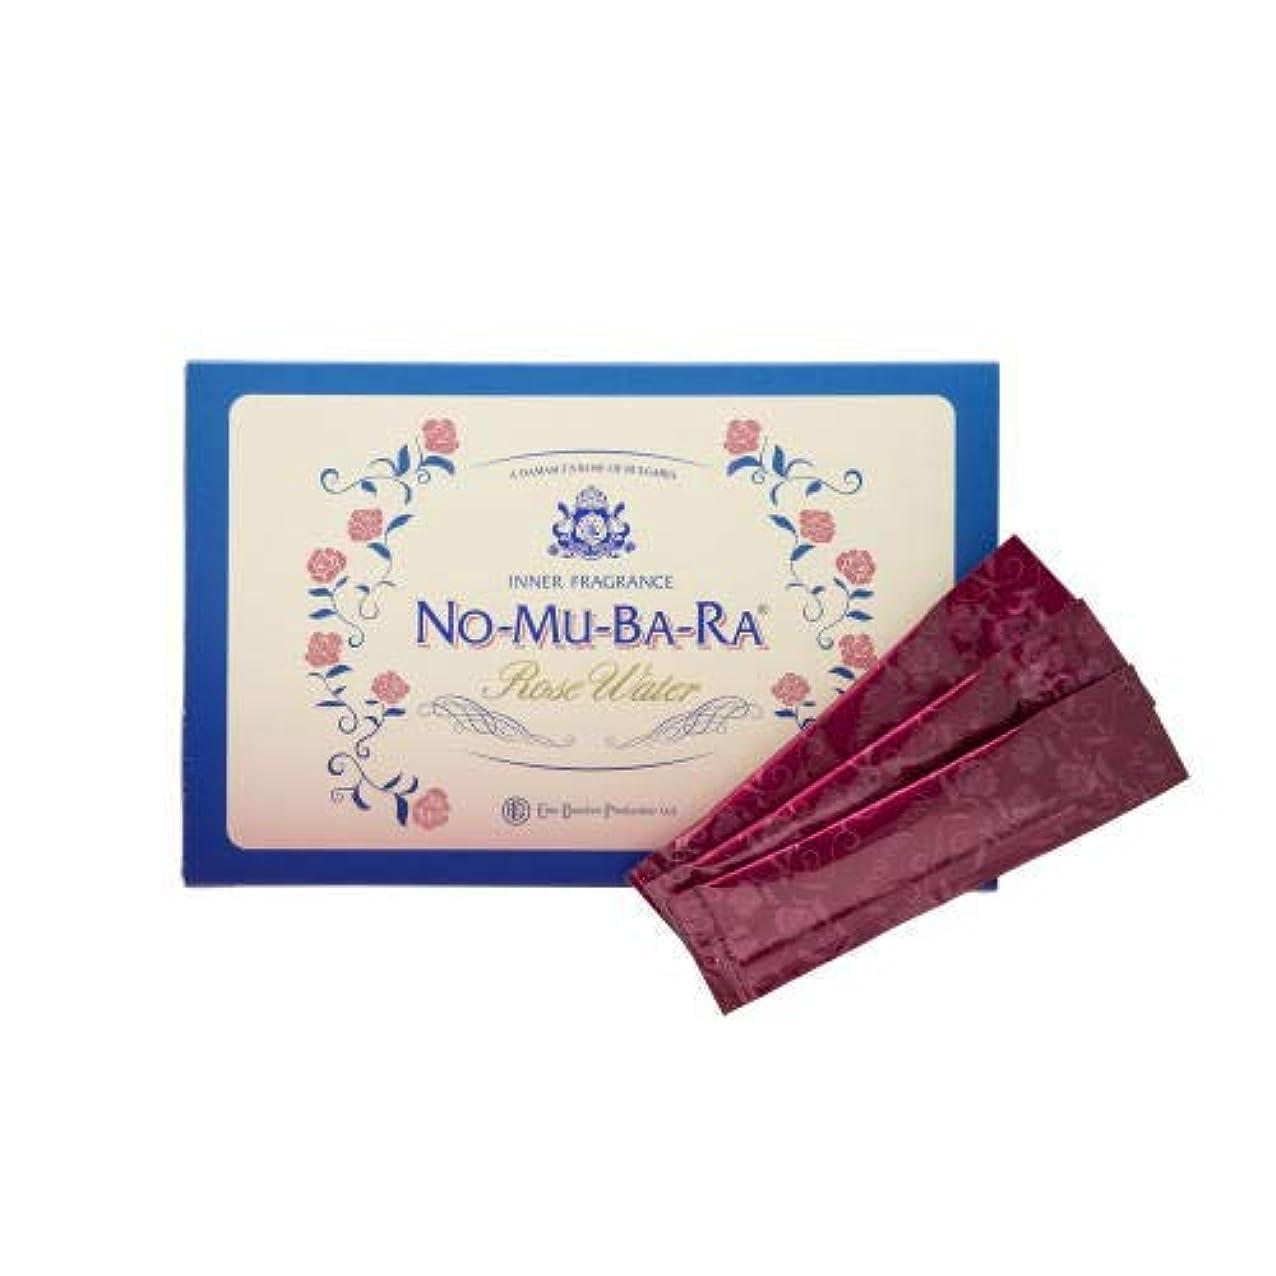 宣言パプアニューギニアスタウトNO-MU-BA-RA NO-MU-BA-RA(ノムバラ)(35包入)×2箱【モンドセレクション受賞】